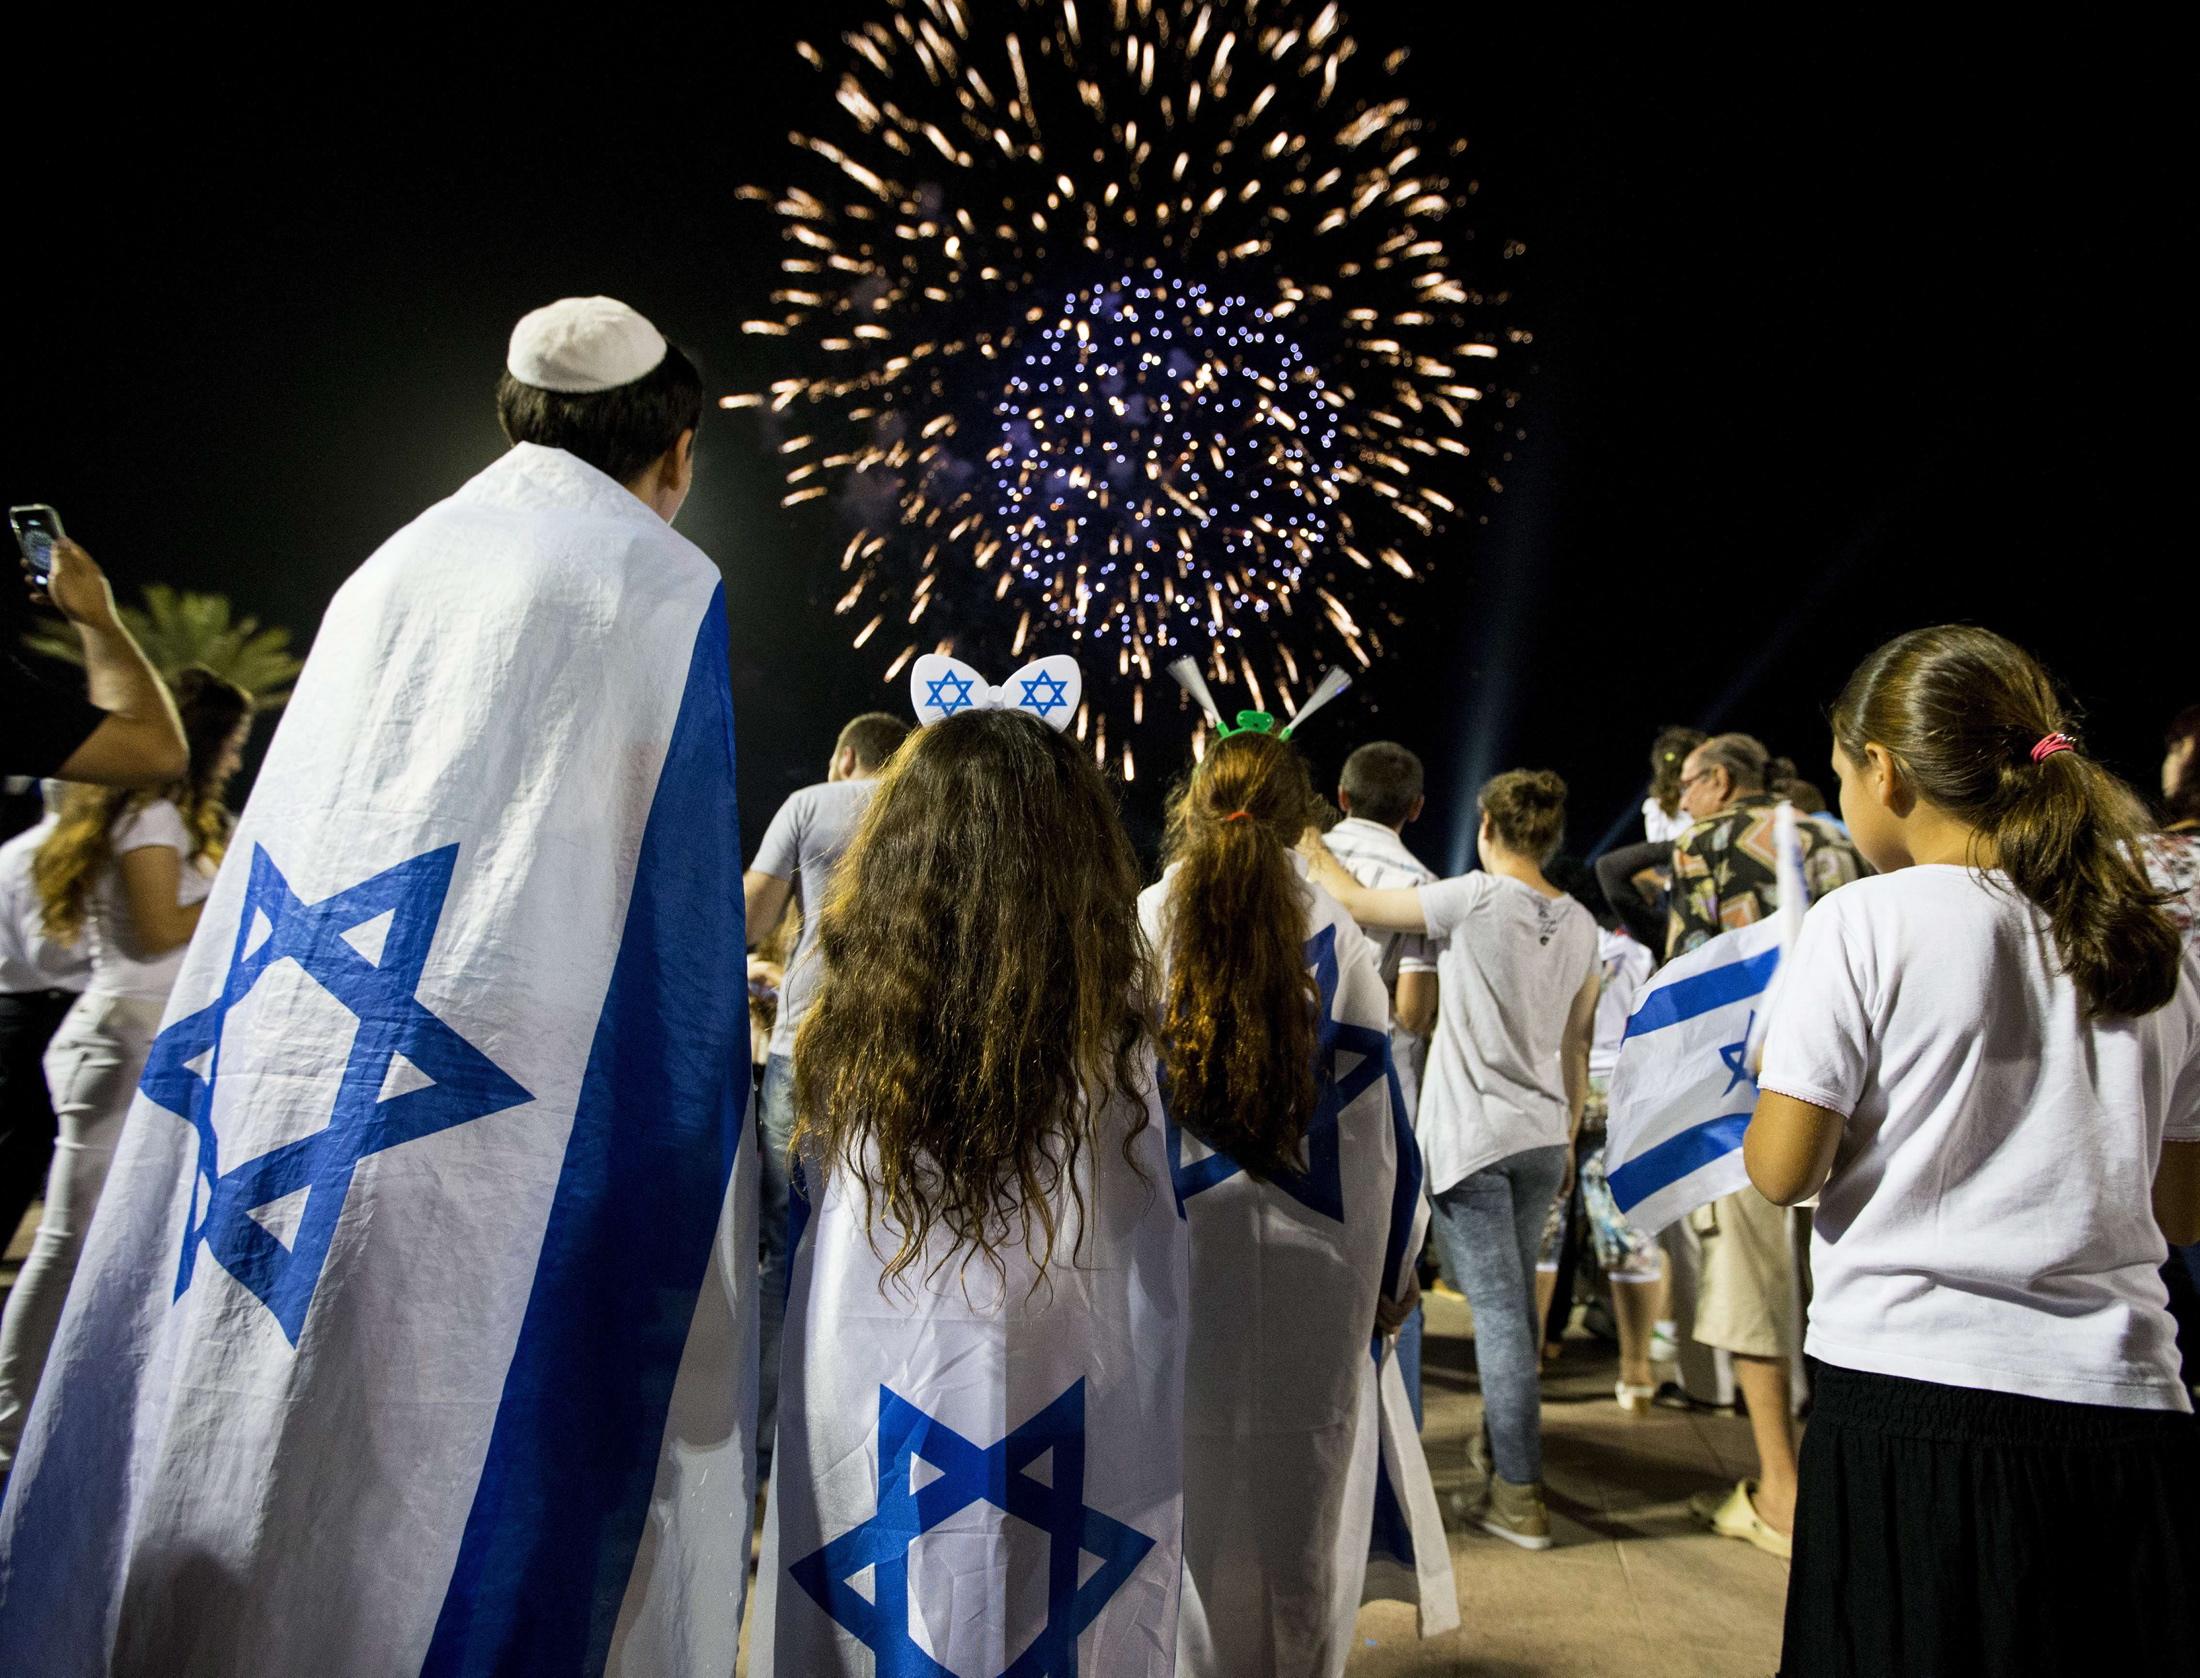 Когда правильнее всего ехать в Иерусалим, чтобы избежать большого наплыва паломников